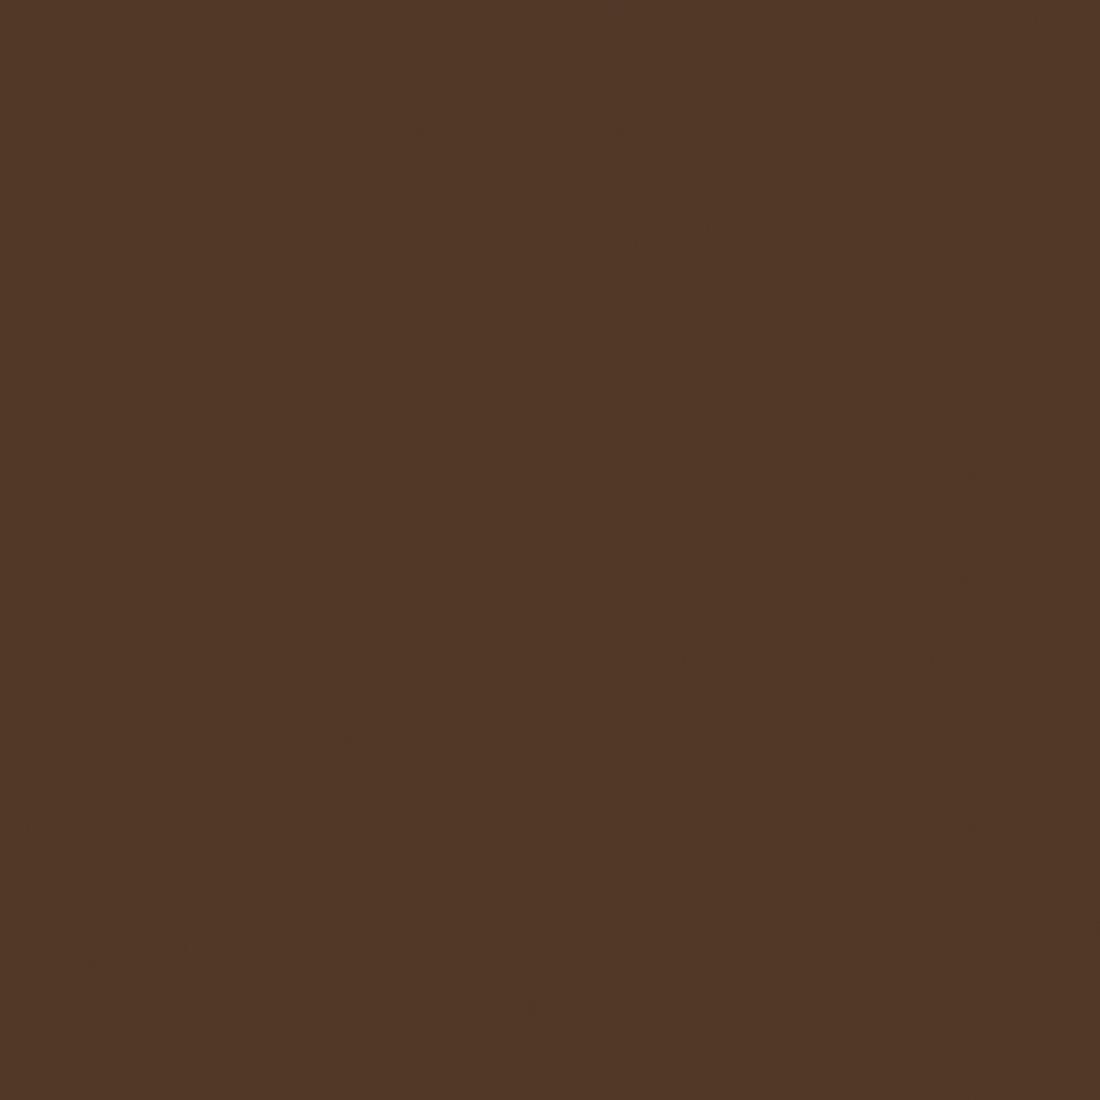 0182BS - Dark Brown